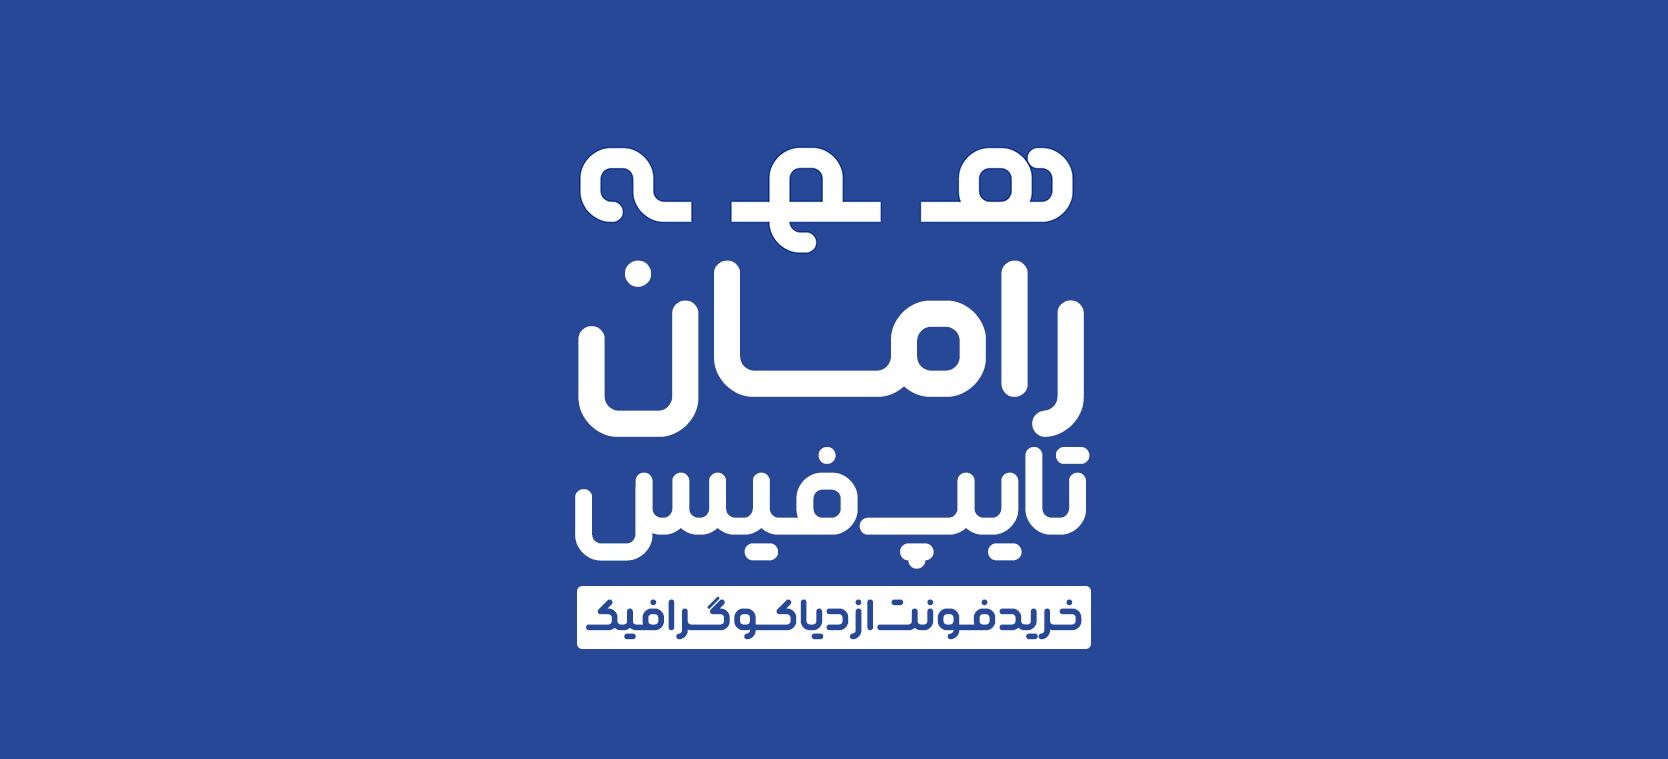 تایپ فیس فارسی جدید رامان